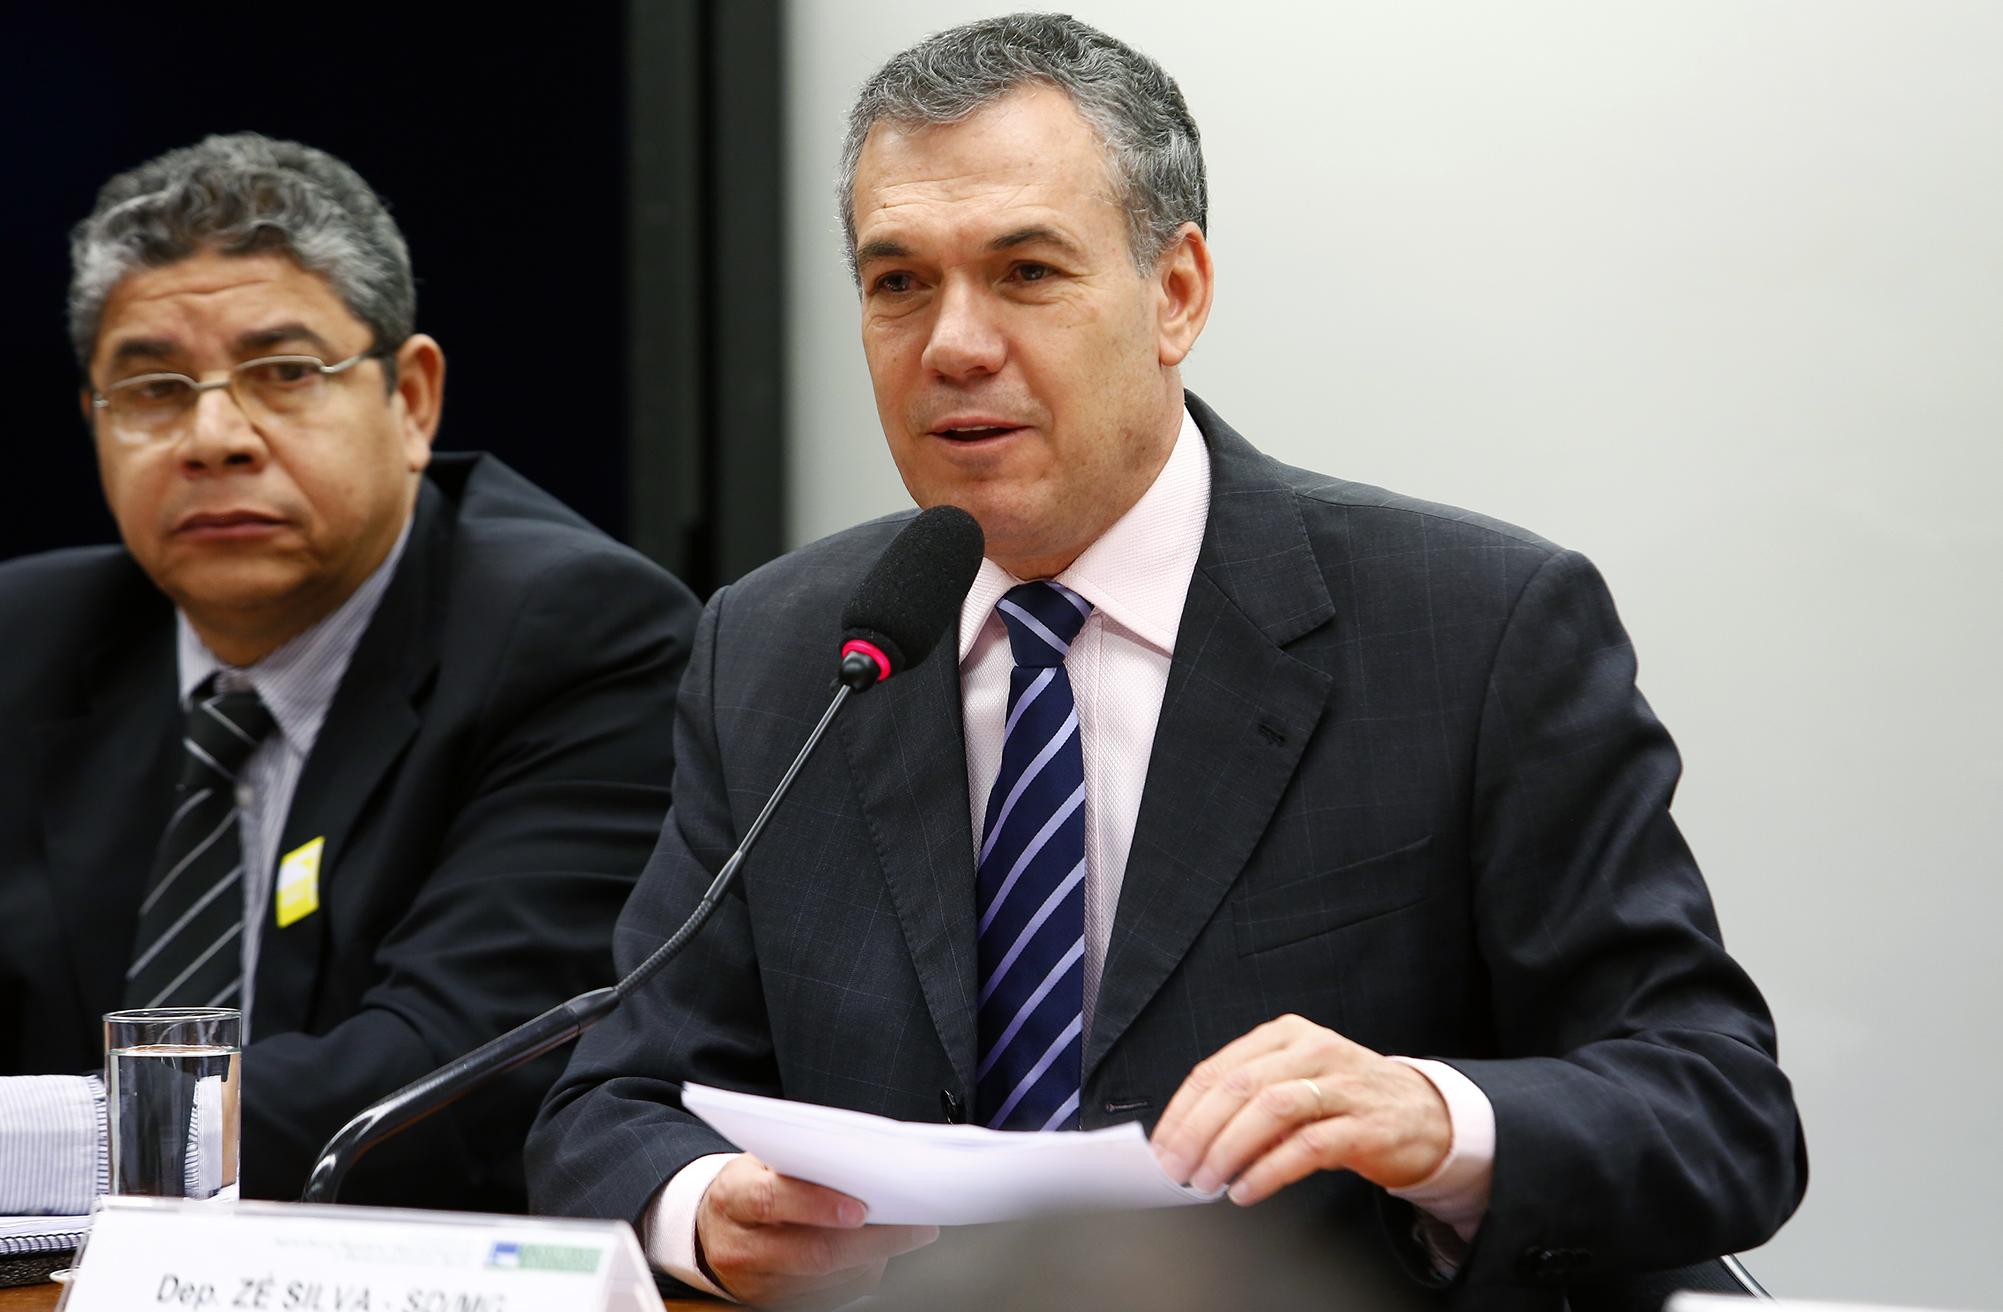 Audiência Pública e Reunião Ordinária. Dep. Zé Silva (SD - MG)